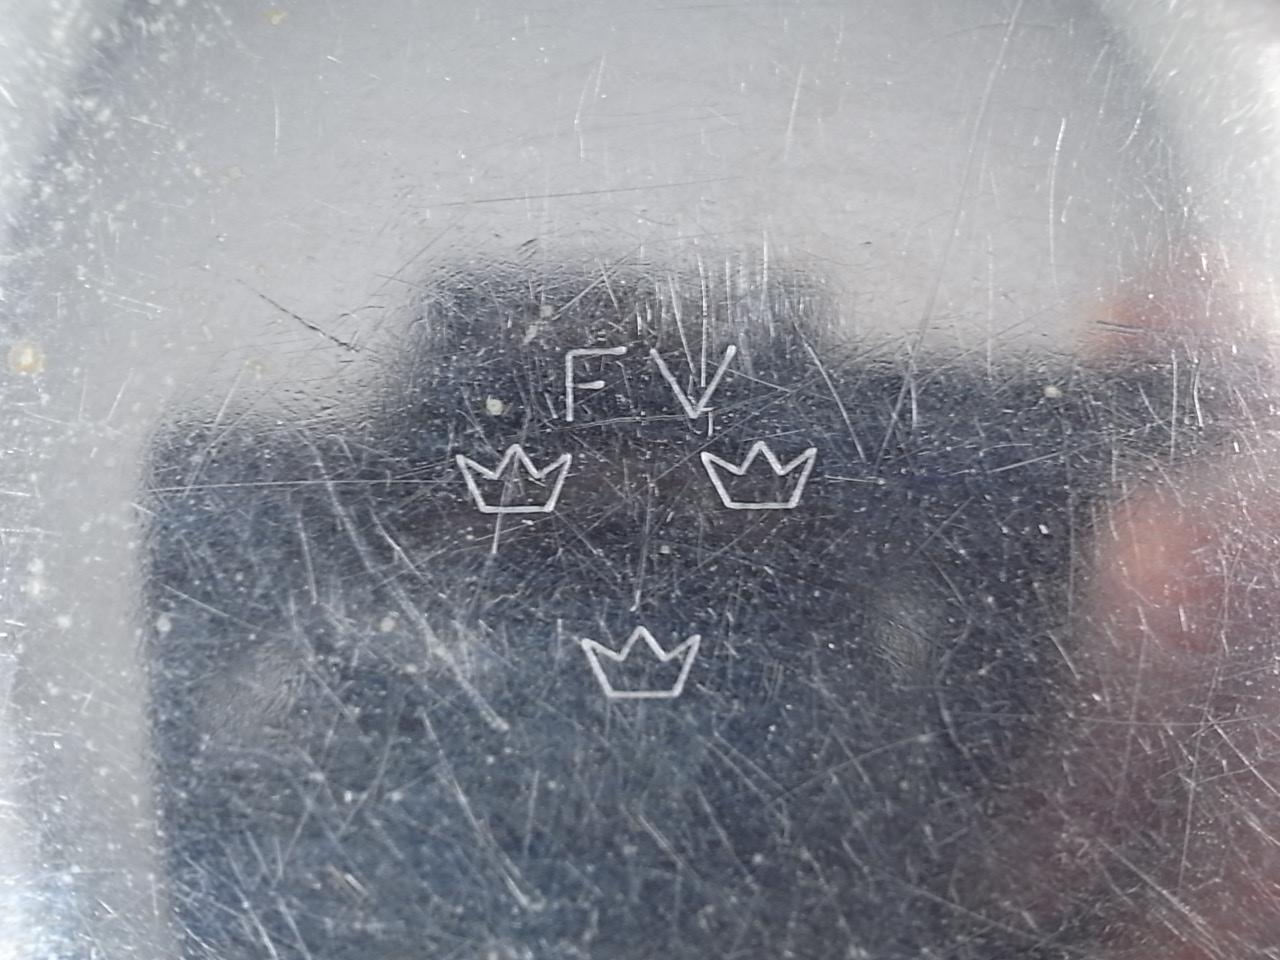 ミネルバ ミリタリー ポケットウオッチ クロノグラフ スウェーデン軍用 スリークラウンズの写真6枚目